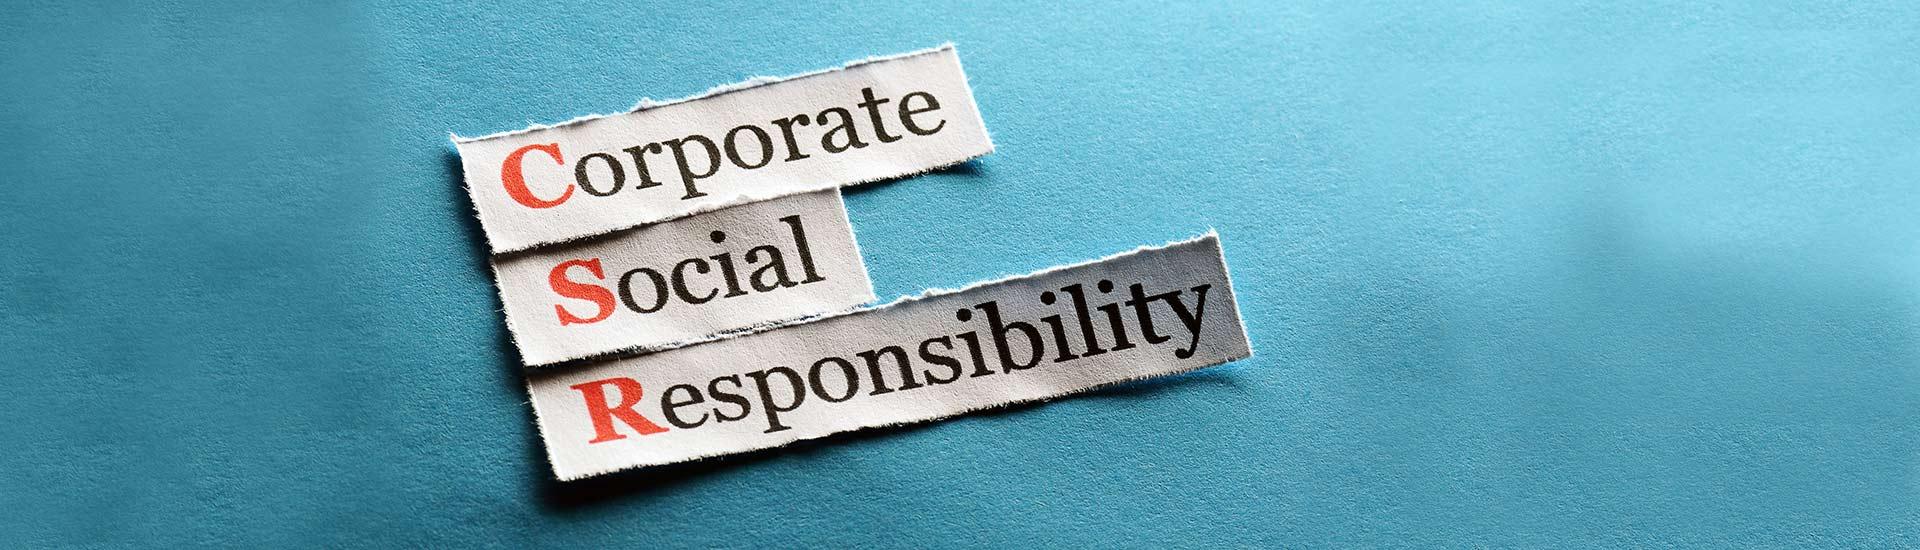 Idee e Soluzioni Agenzia Marketing e Soluzioni sviluppa Progetti di Corporate Social Responsibility